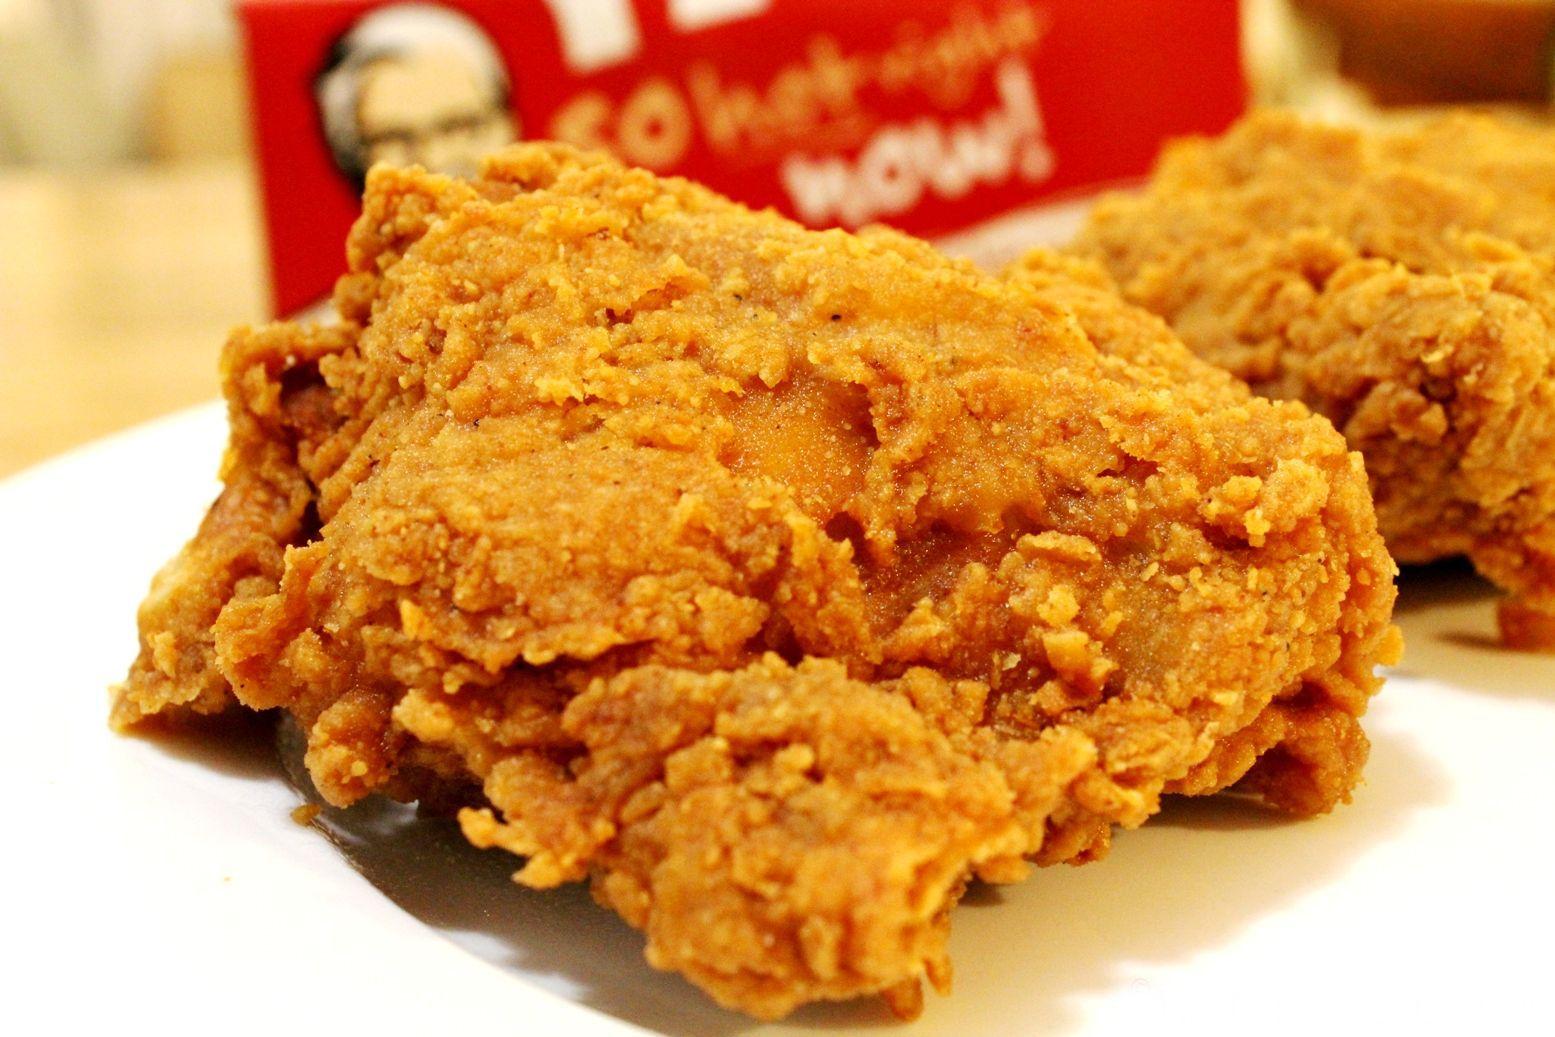 Kfc Chicken Chicken Recipes Kfc Fried Chicken Recipe Fried Chicken Recipes